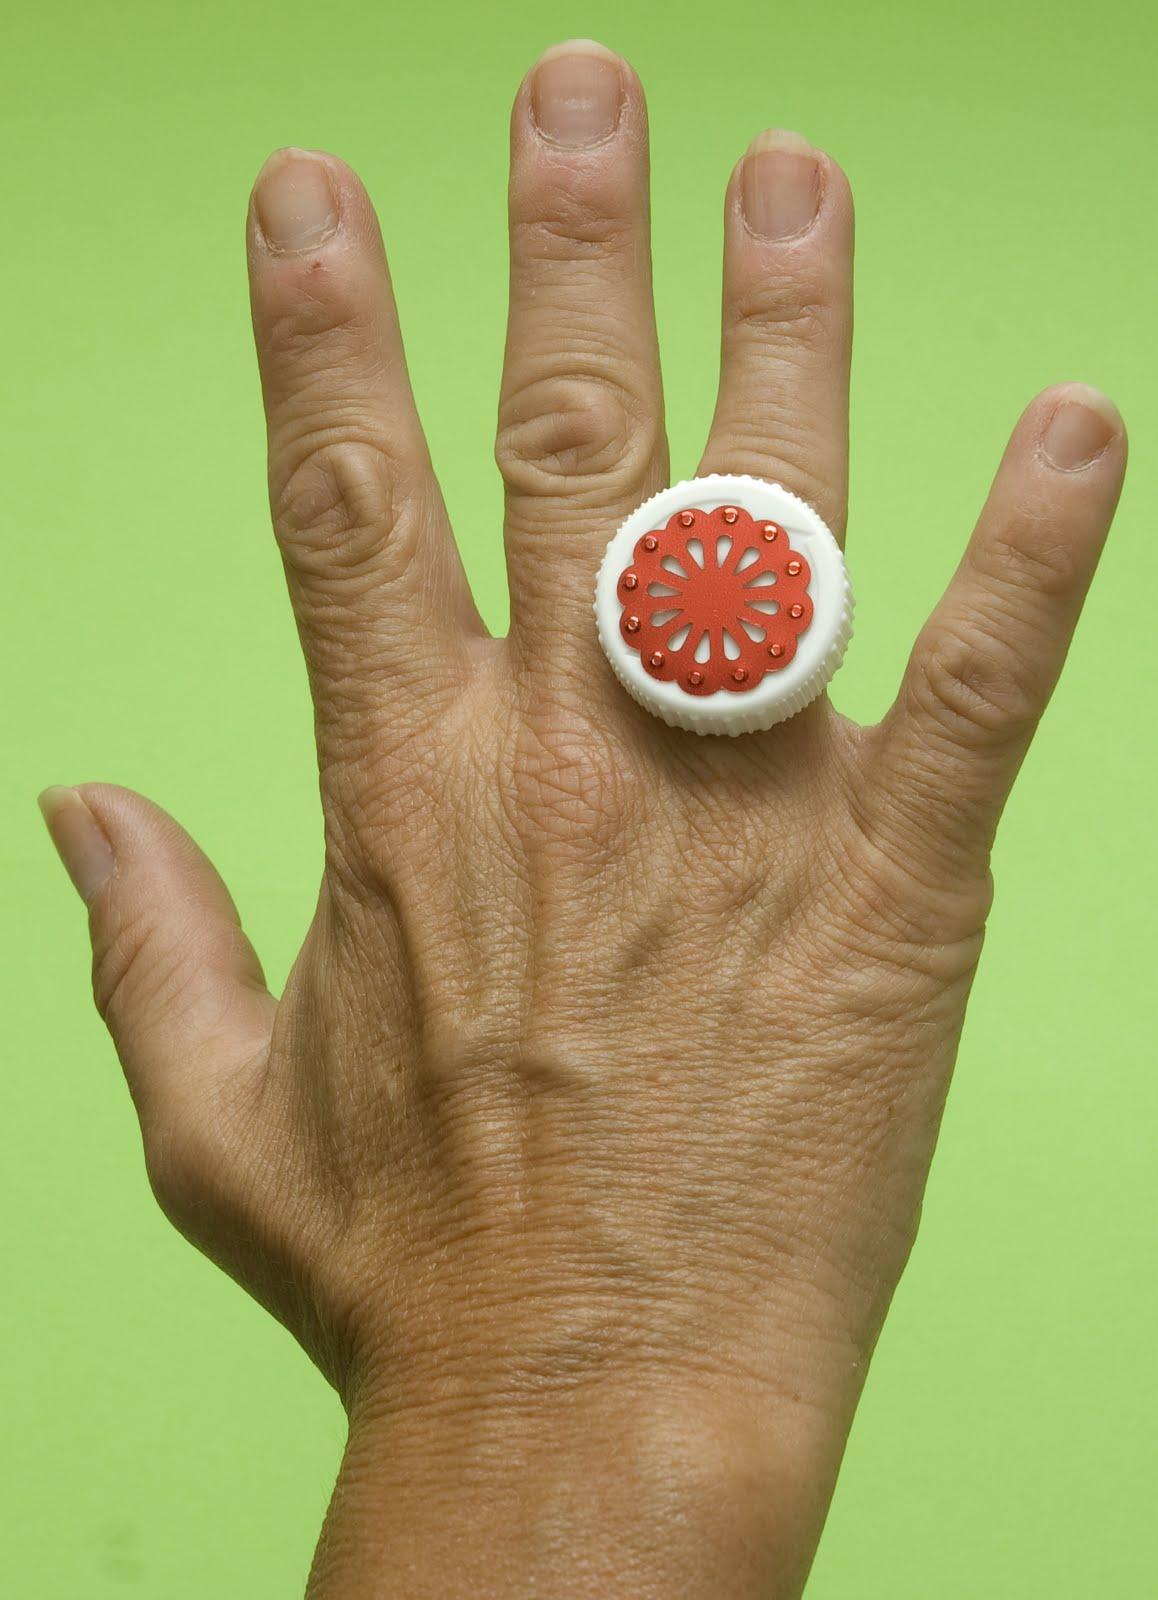 y si quieres hacer pendientes anillos o broches a juego con tus diademas solamente tendrs que pegar los tapones en las distintas fornituras